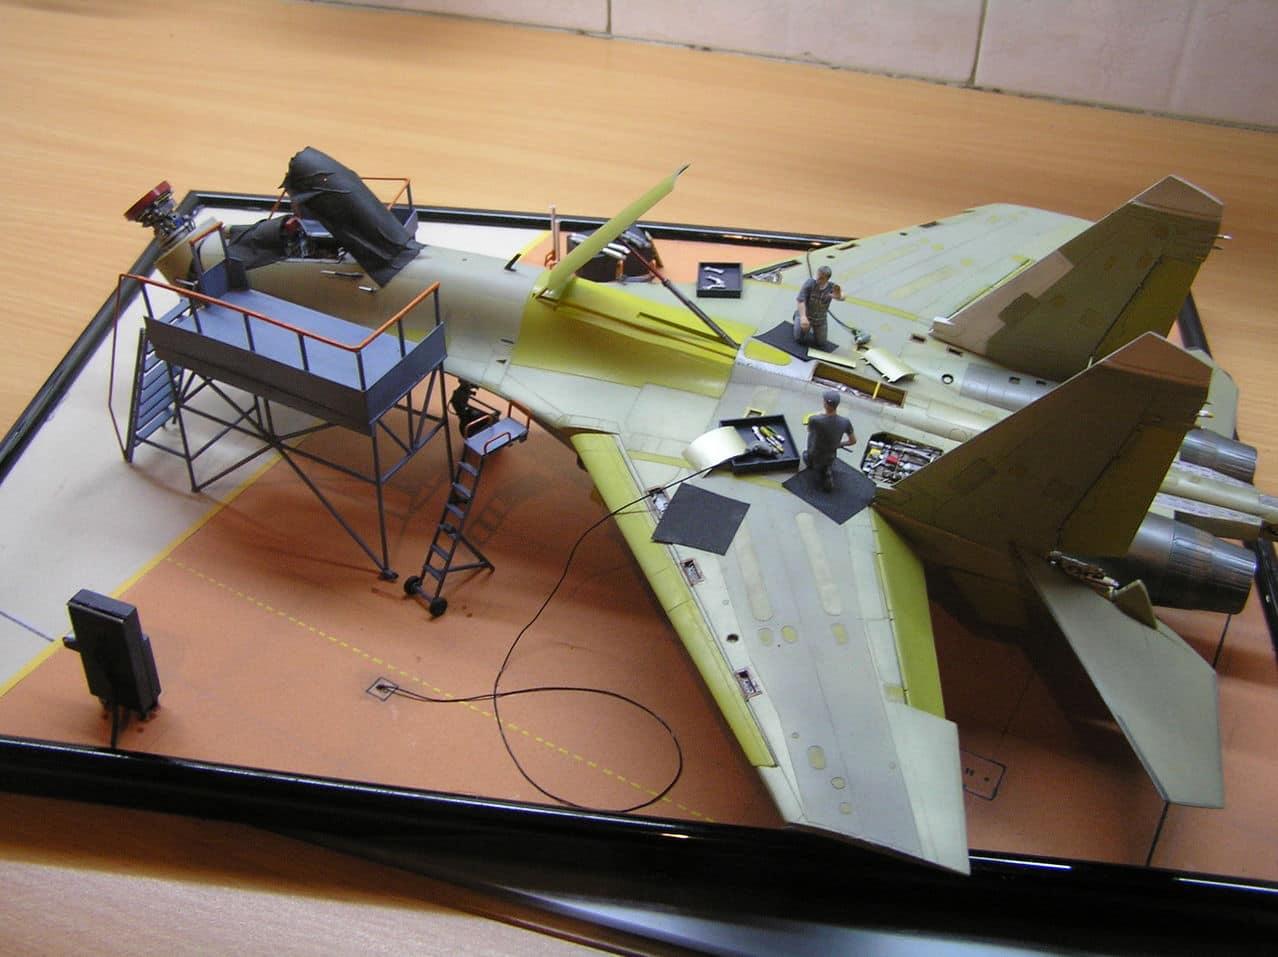 ...καπως ετσι αρχισαν ολα...Su-27  και τα μυαλα στα καγκελα... - Σελίδα 5 P1010209